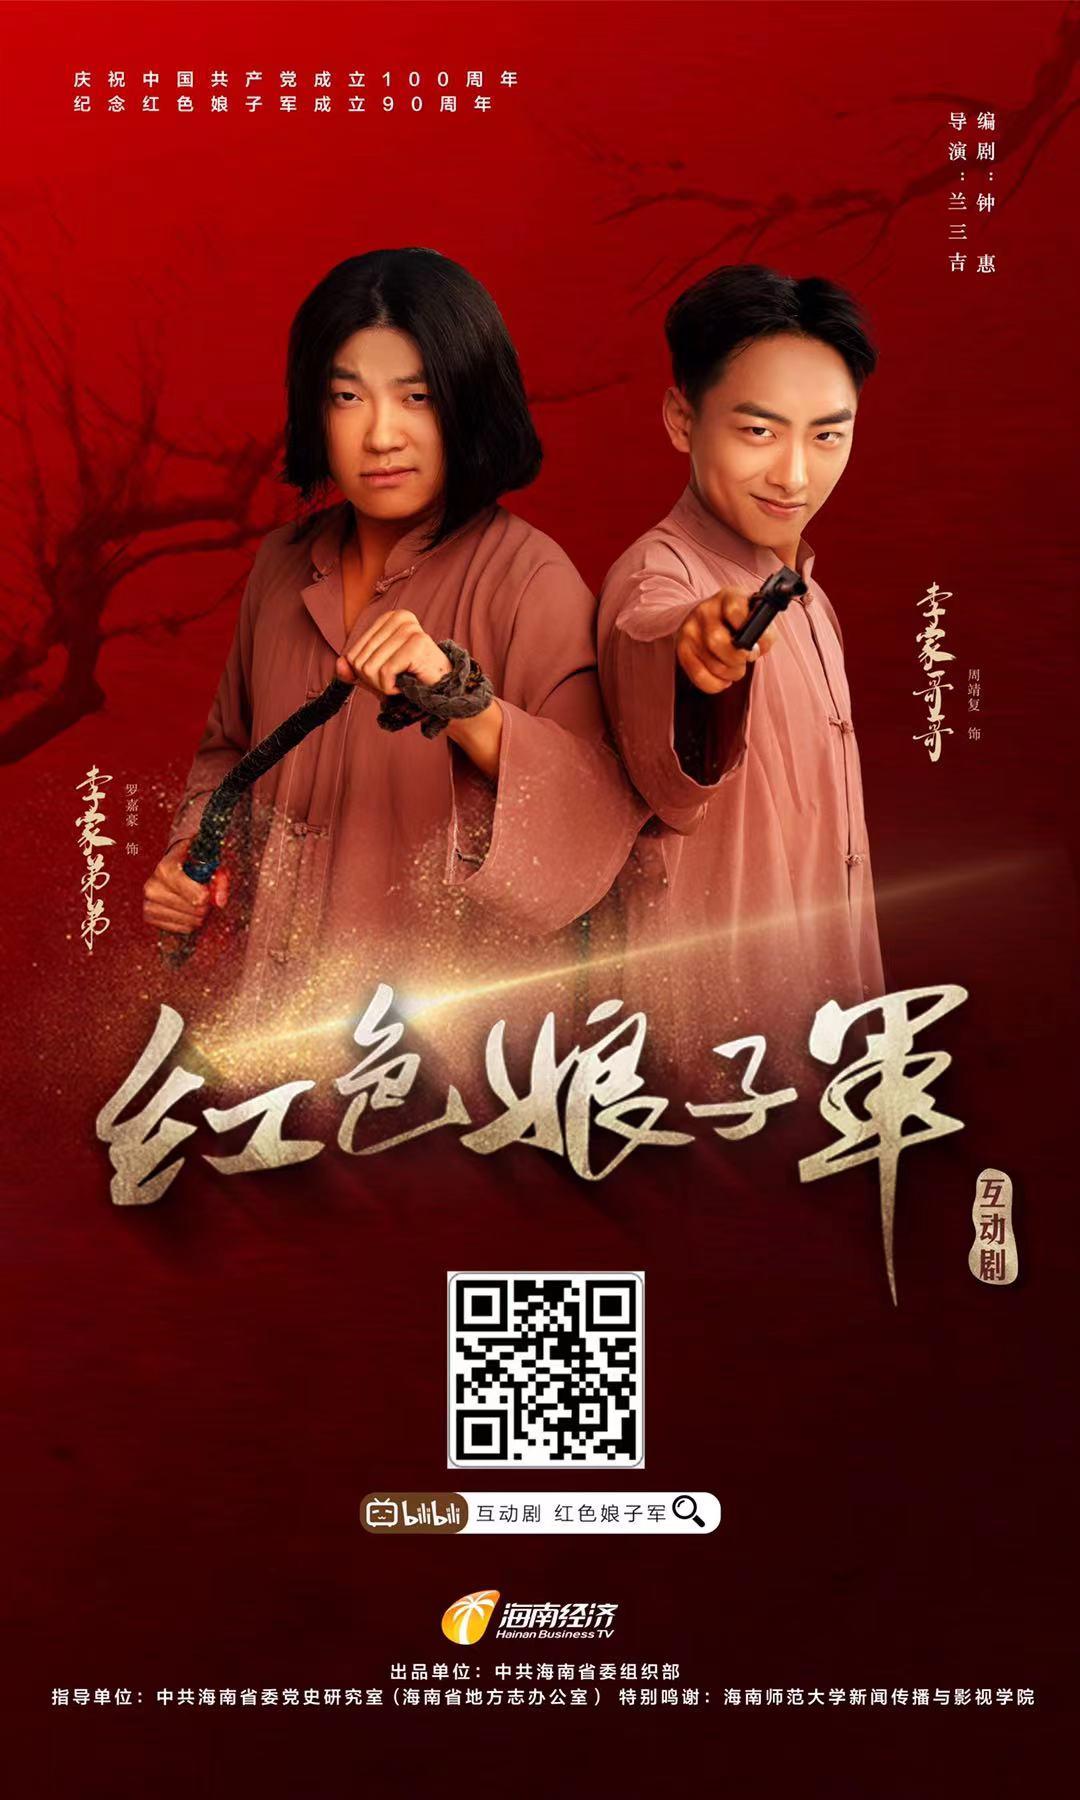 我院表演专业学生表演的互动剧《红色娘子军》今天上线